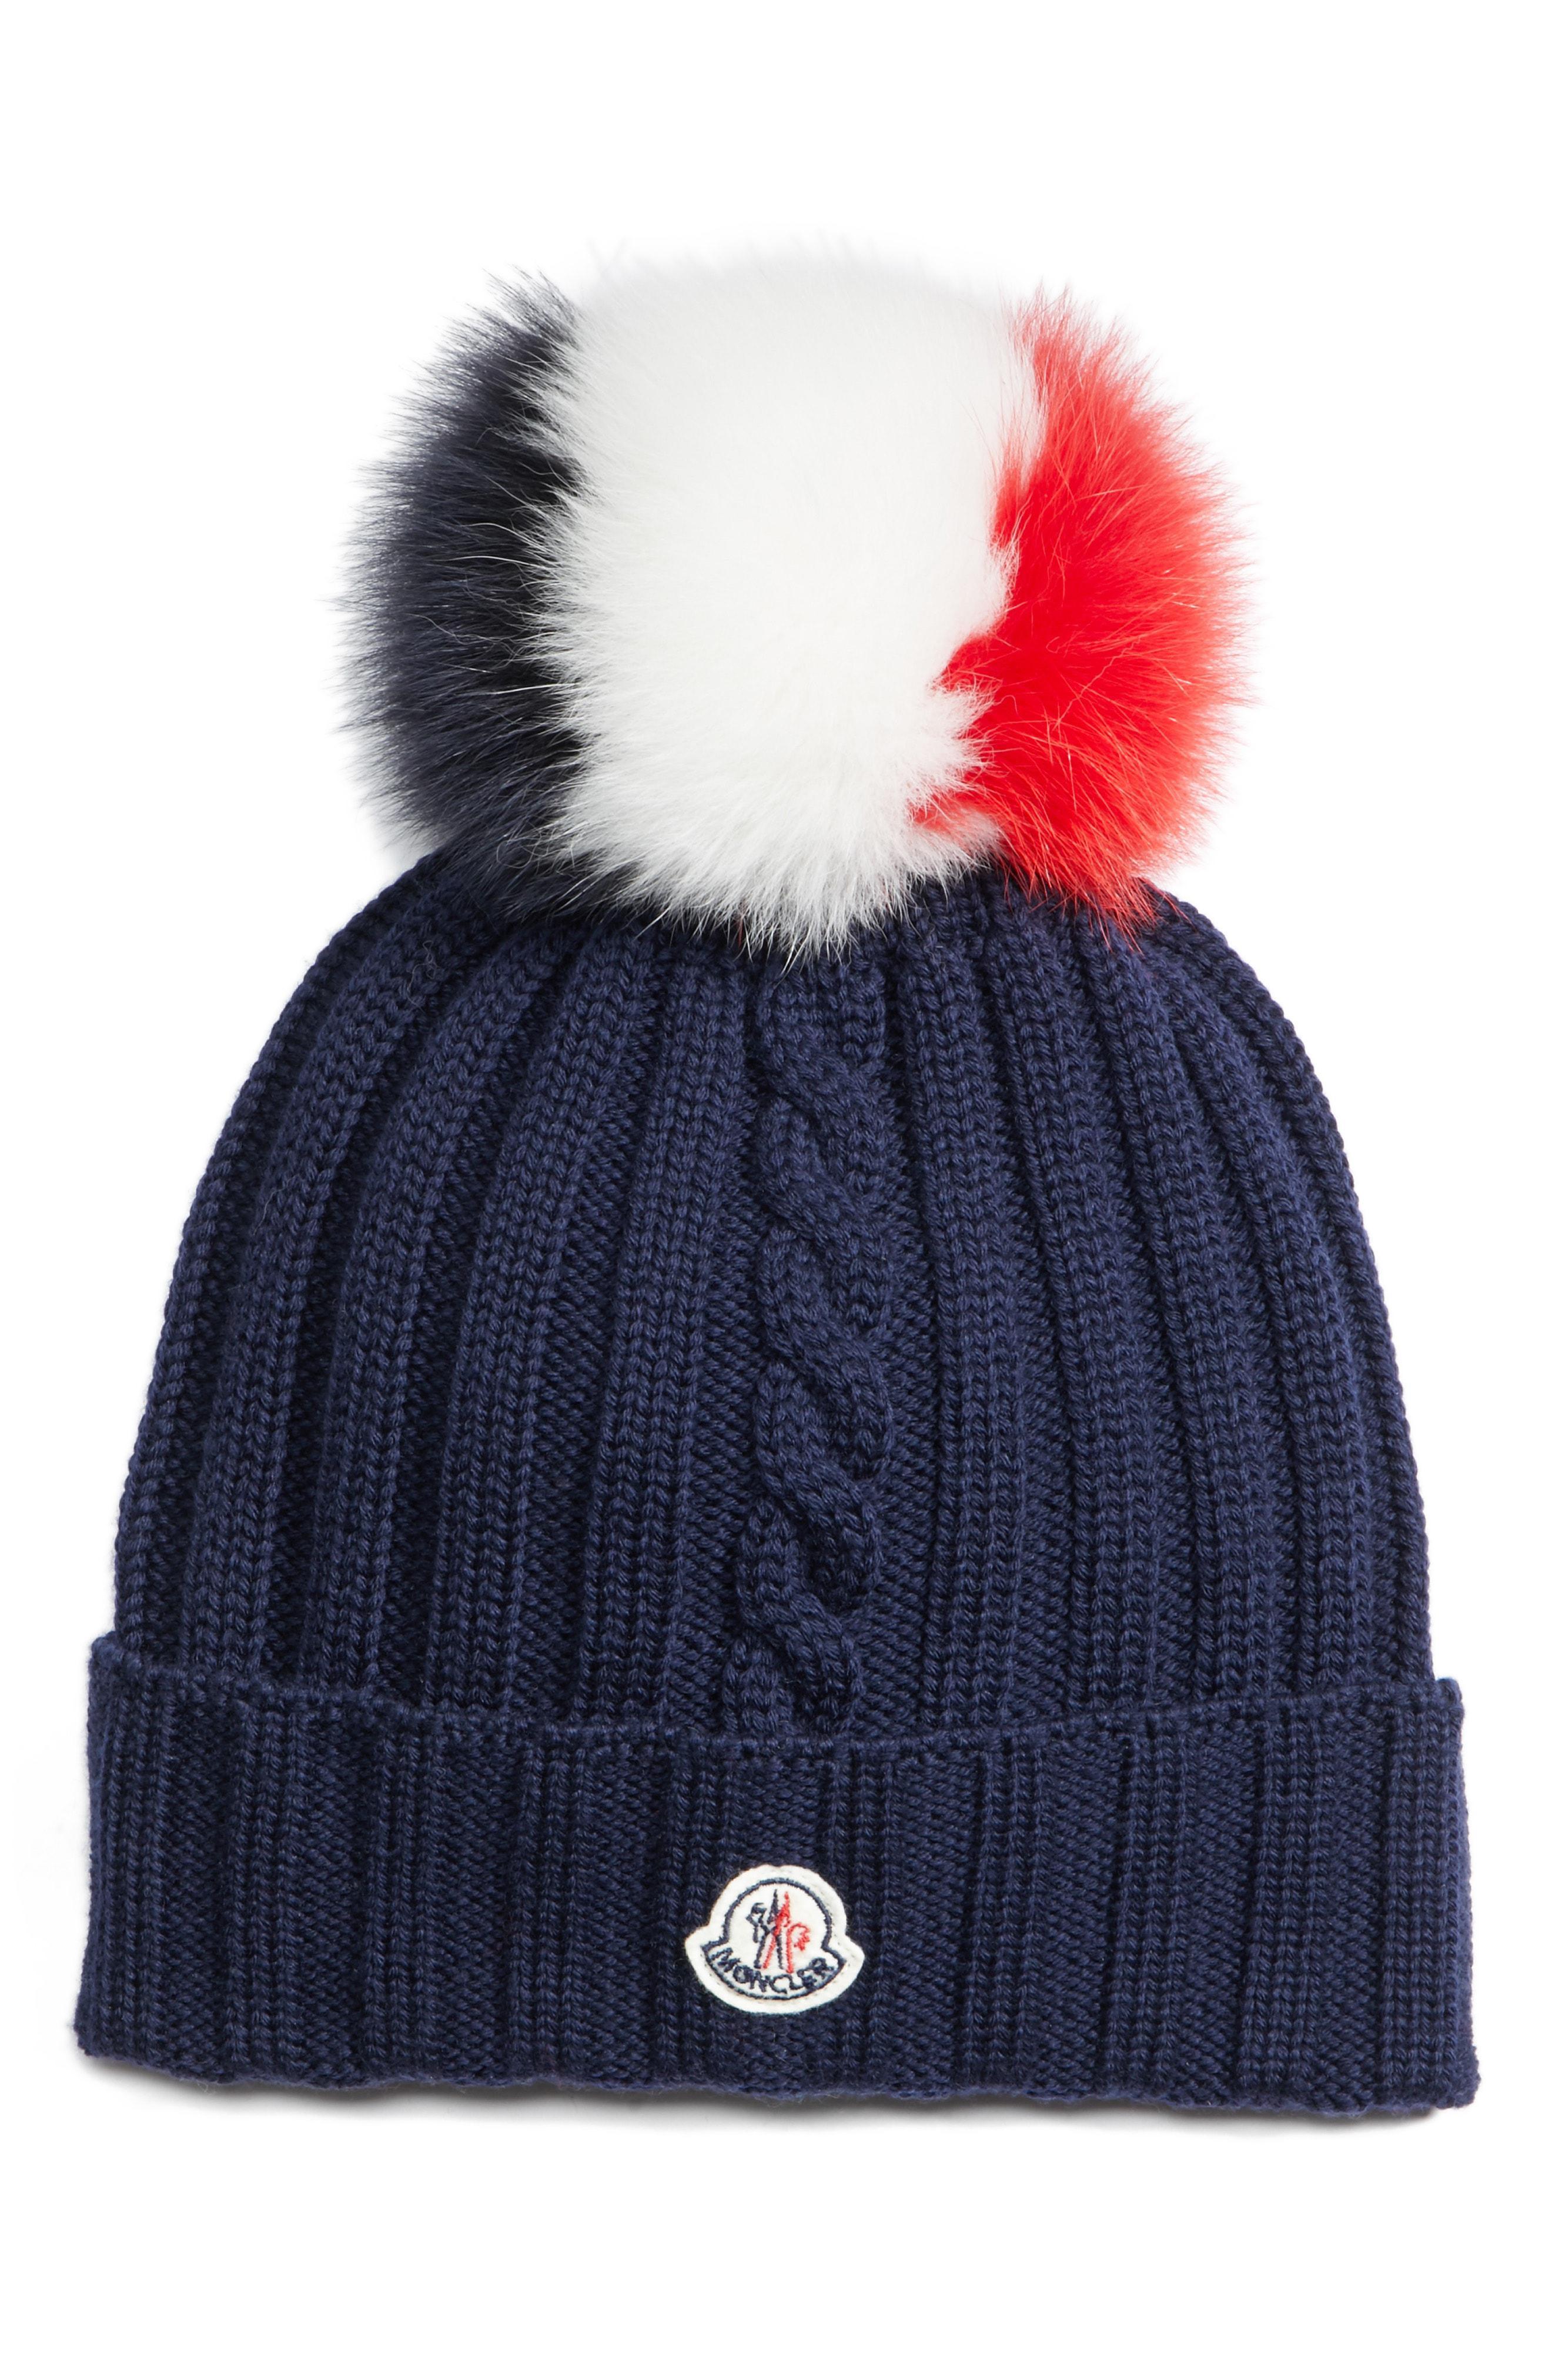 aef0fca8f95 Lyst - Moncler Genuine Fox Fur Pom Wool Hat in Blue